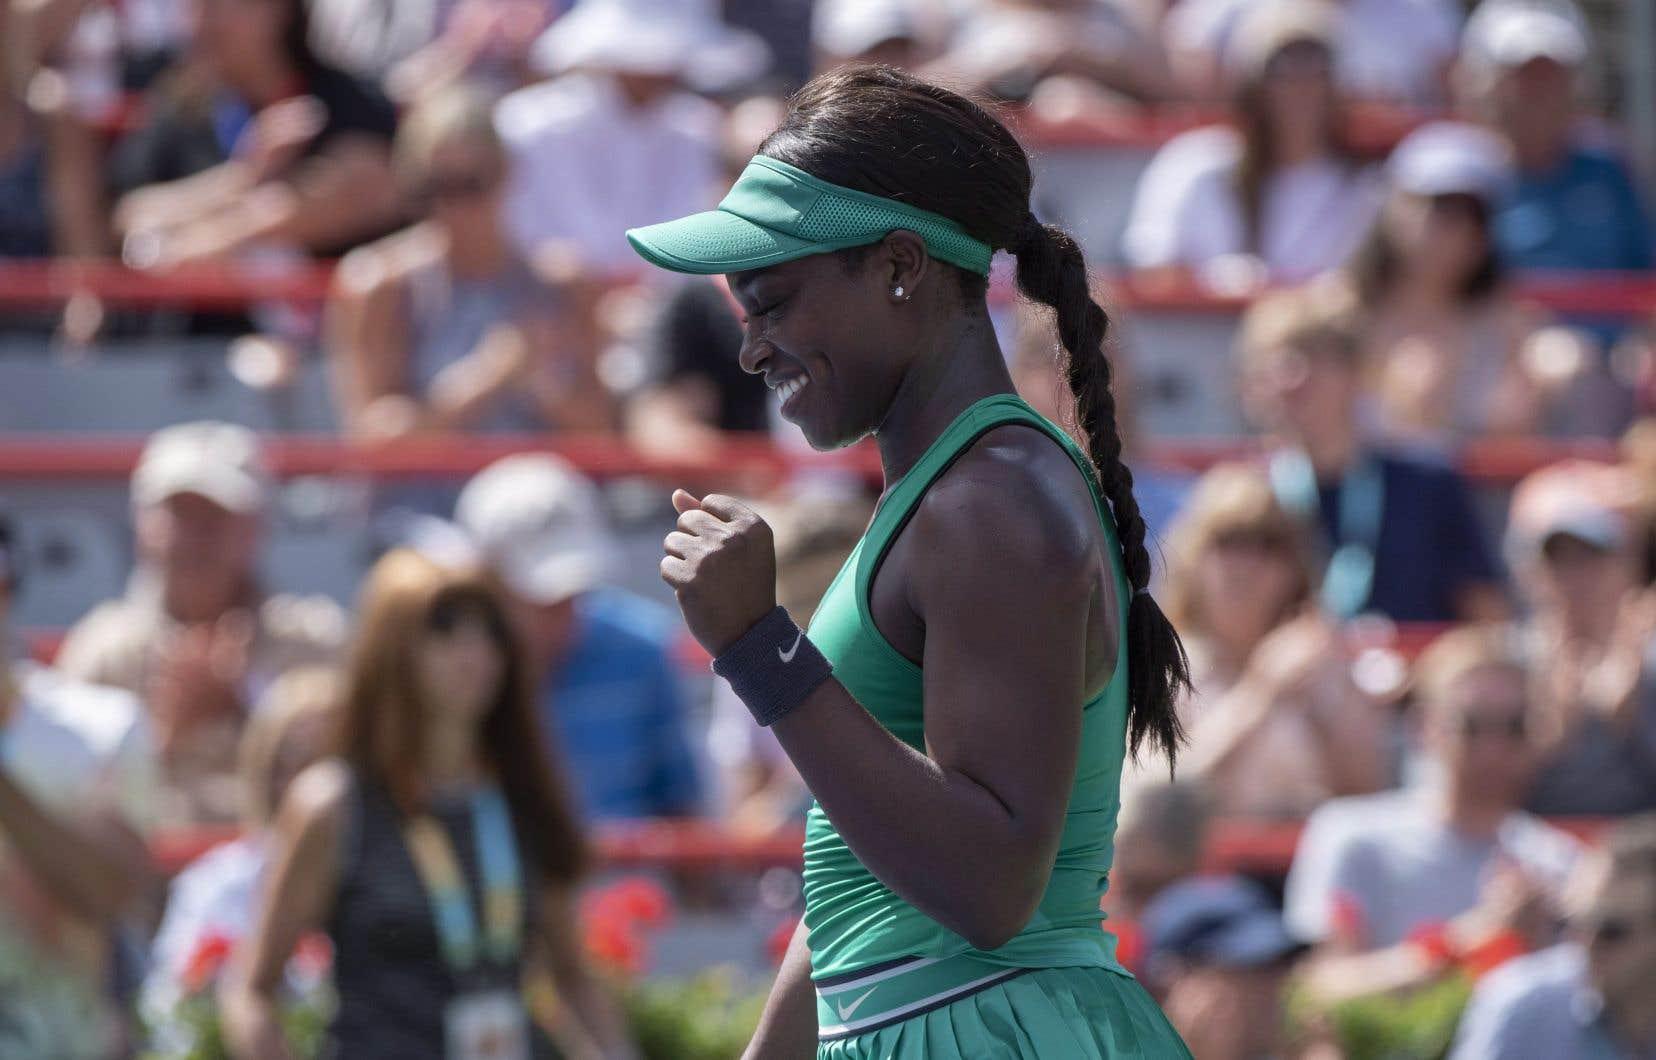 Troisième tête de série, Sloane Stephens n'a encore concédé aucune manche depuis le début du tournoi.